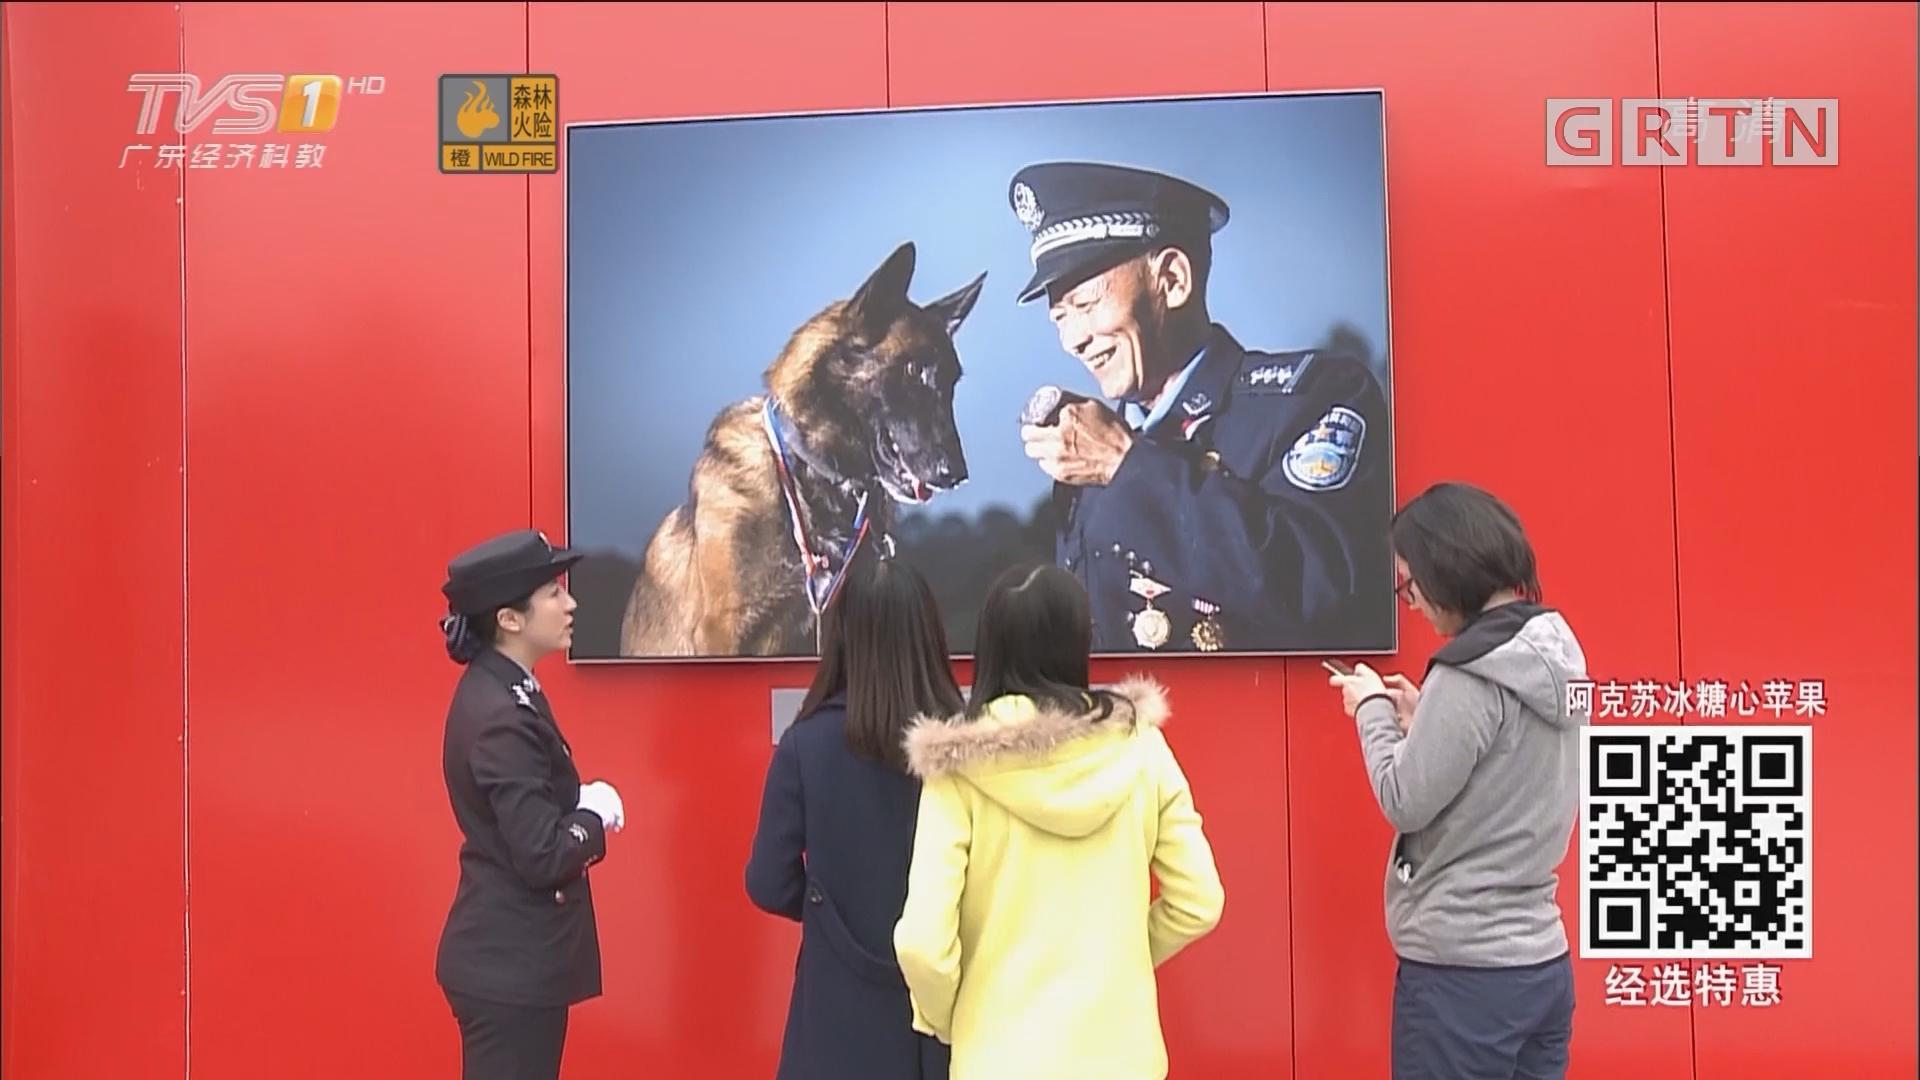 广东百名英模肖像展今日在广州开幕